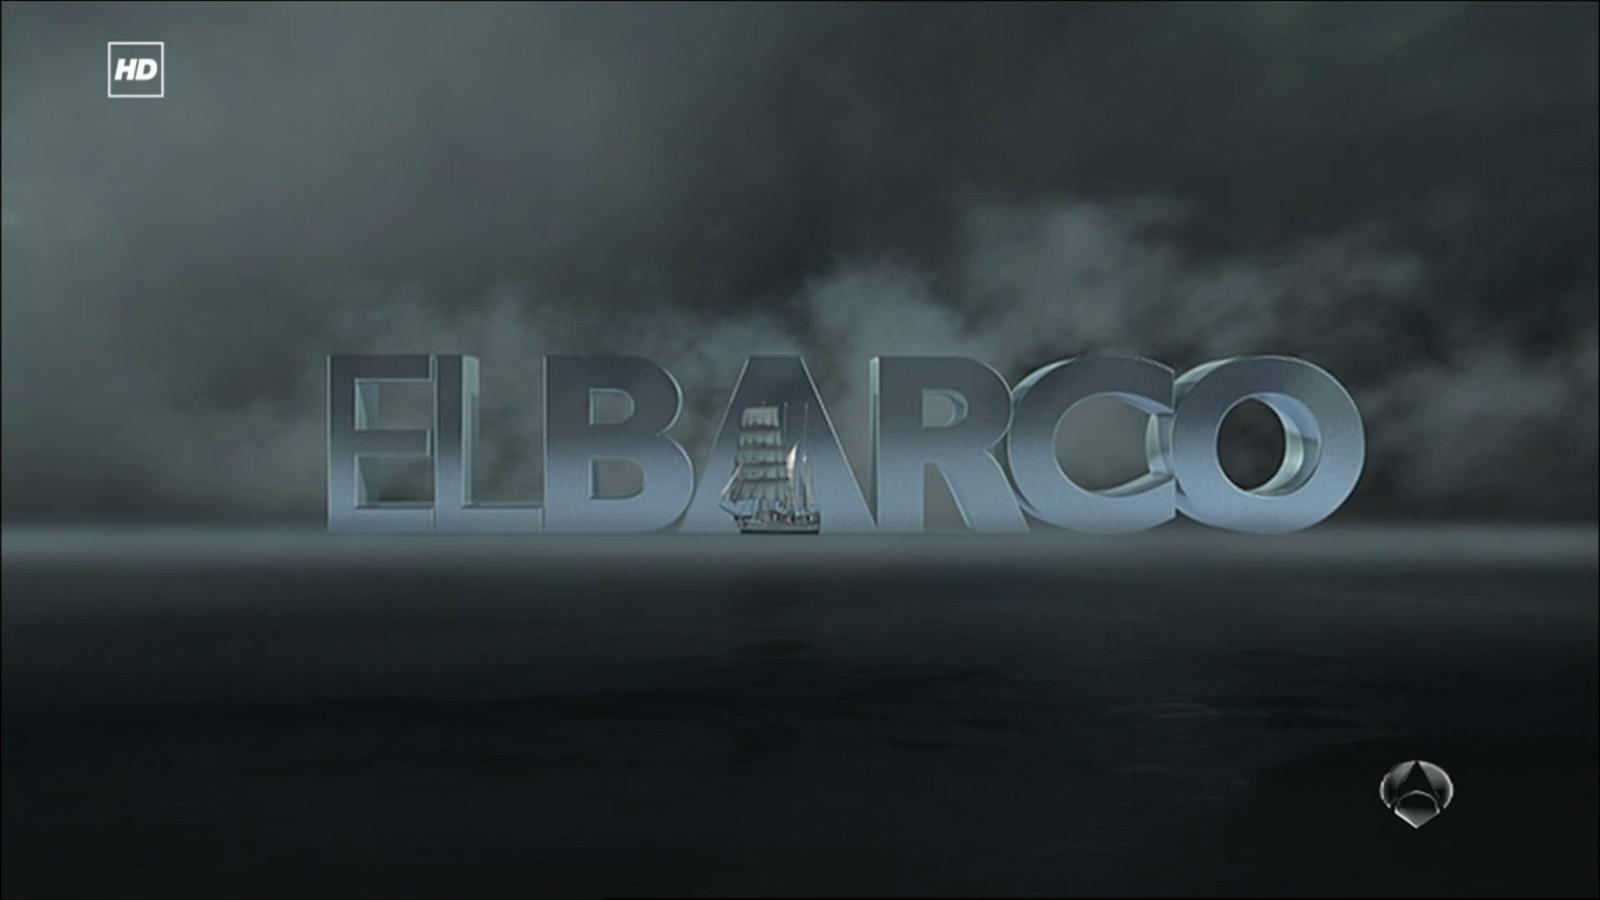 El barco es una serie de television producida por - Armario de la tele antena 3 ...